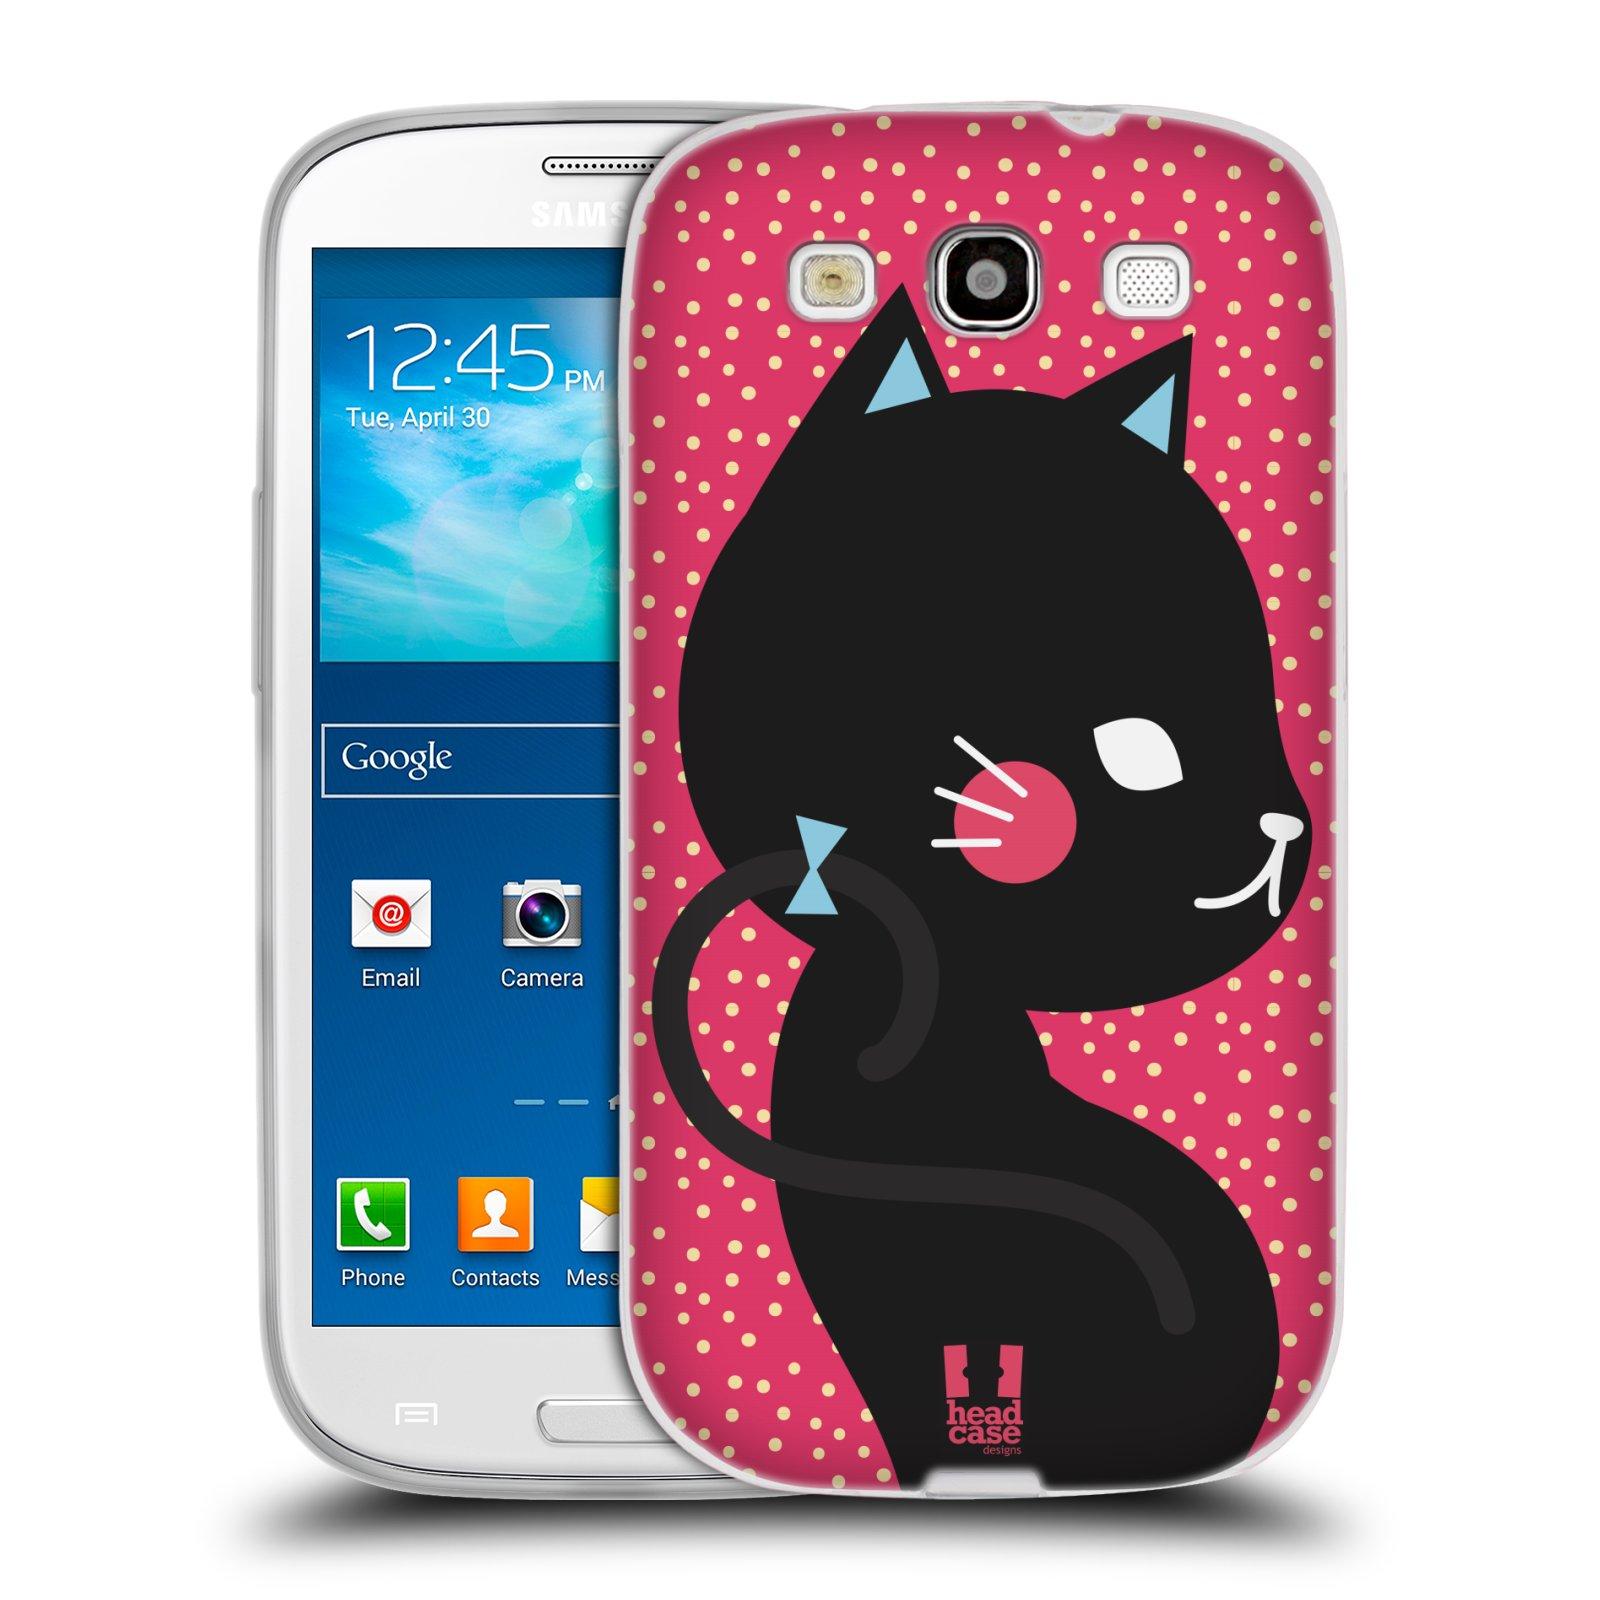 Silikonové pouzdro na mobil Samsung Galaxy S3 Neo HEAD CASE KOČIČKA ČERNÁ NA RŮŽOVÉ (Silikonový kryt či obal na mobilní telefon Samsung Galaxy S3 Neo GT-i9301i)